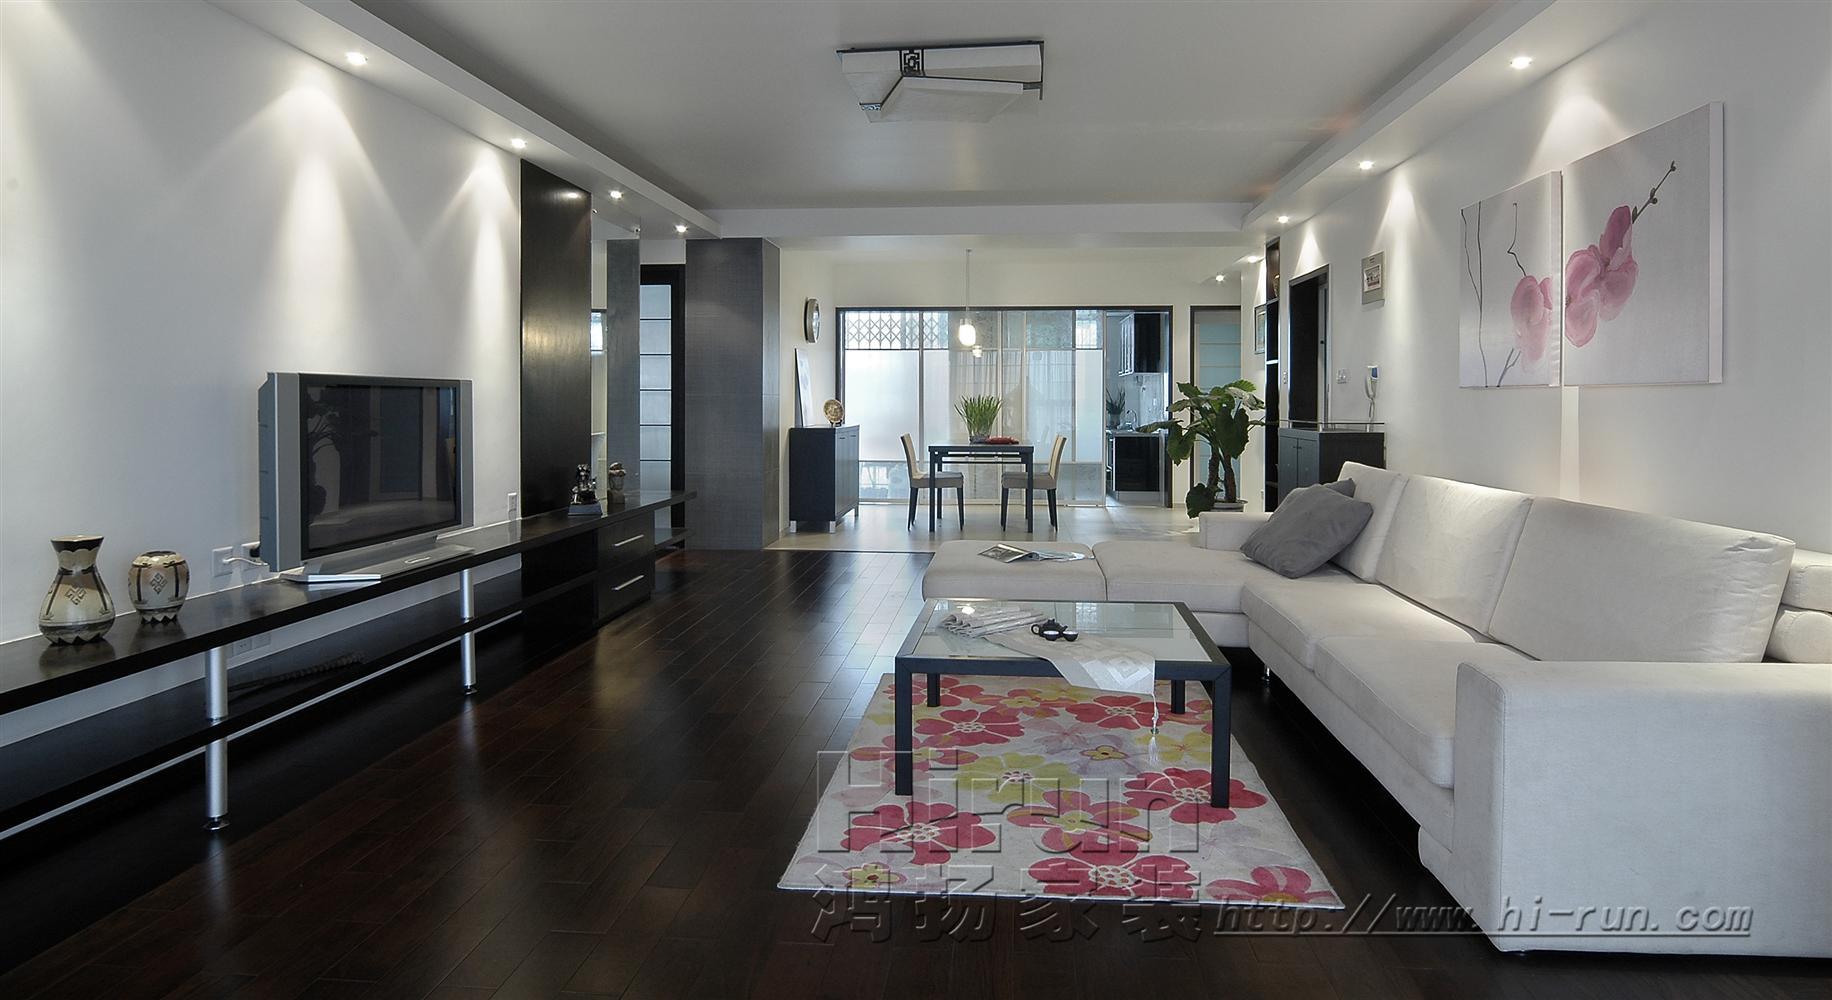 客厅图片来自鸿扬家装武汉分公司在文士雅风之品味生活的分享